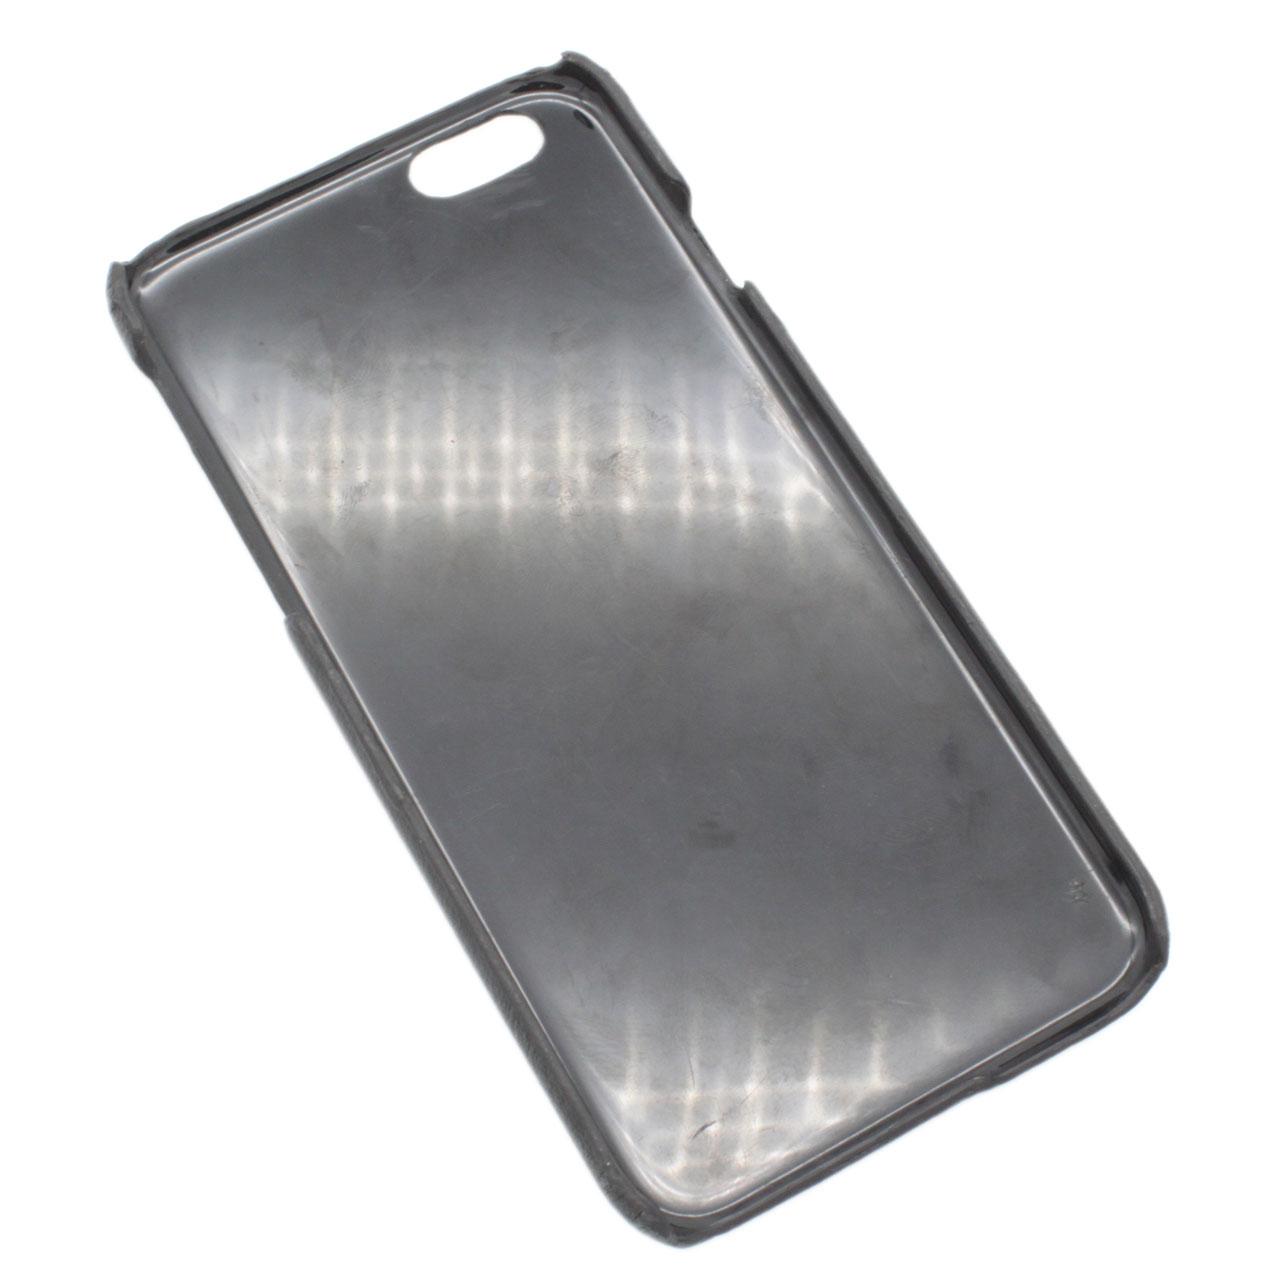 Ốp Lưng Iphone 6/6s/7 Da Bò B1061a